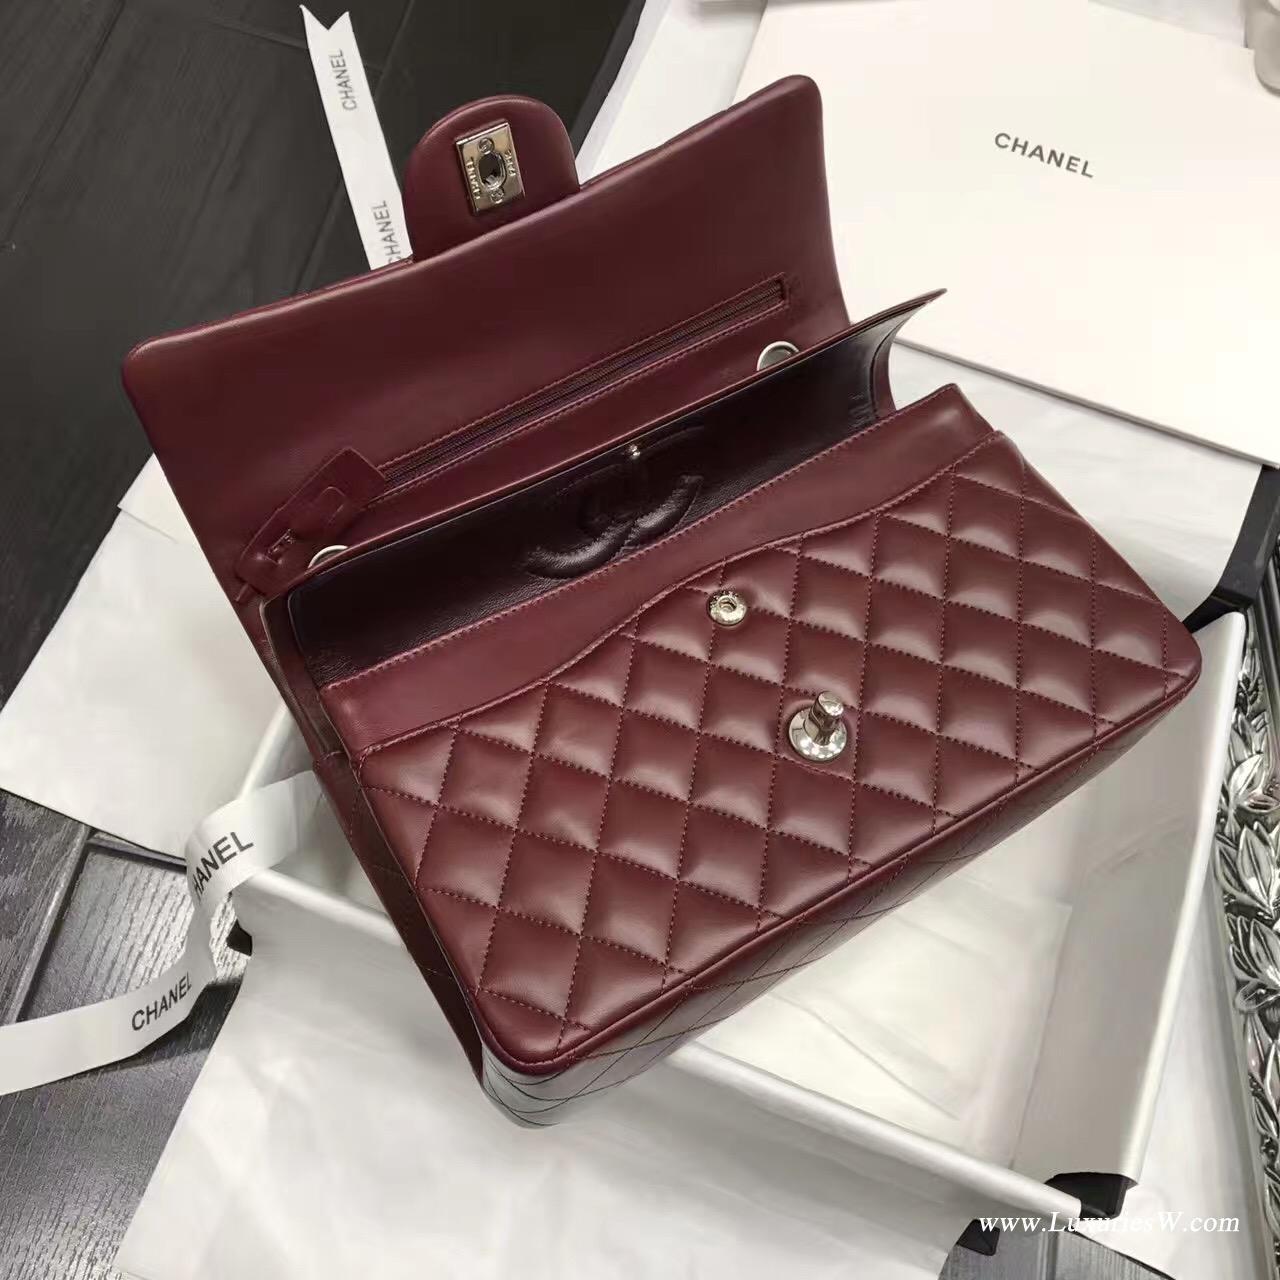 Classic Flap Bag酒紅色 A01112菱格鏈條經典口蓋包小羊皮 金色金屬